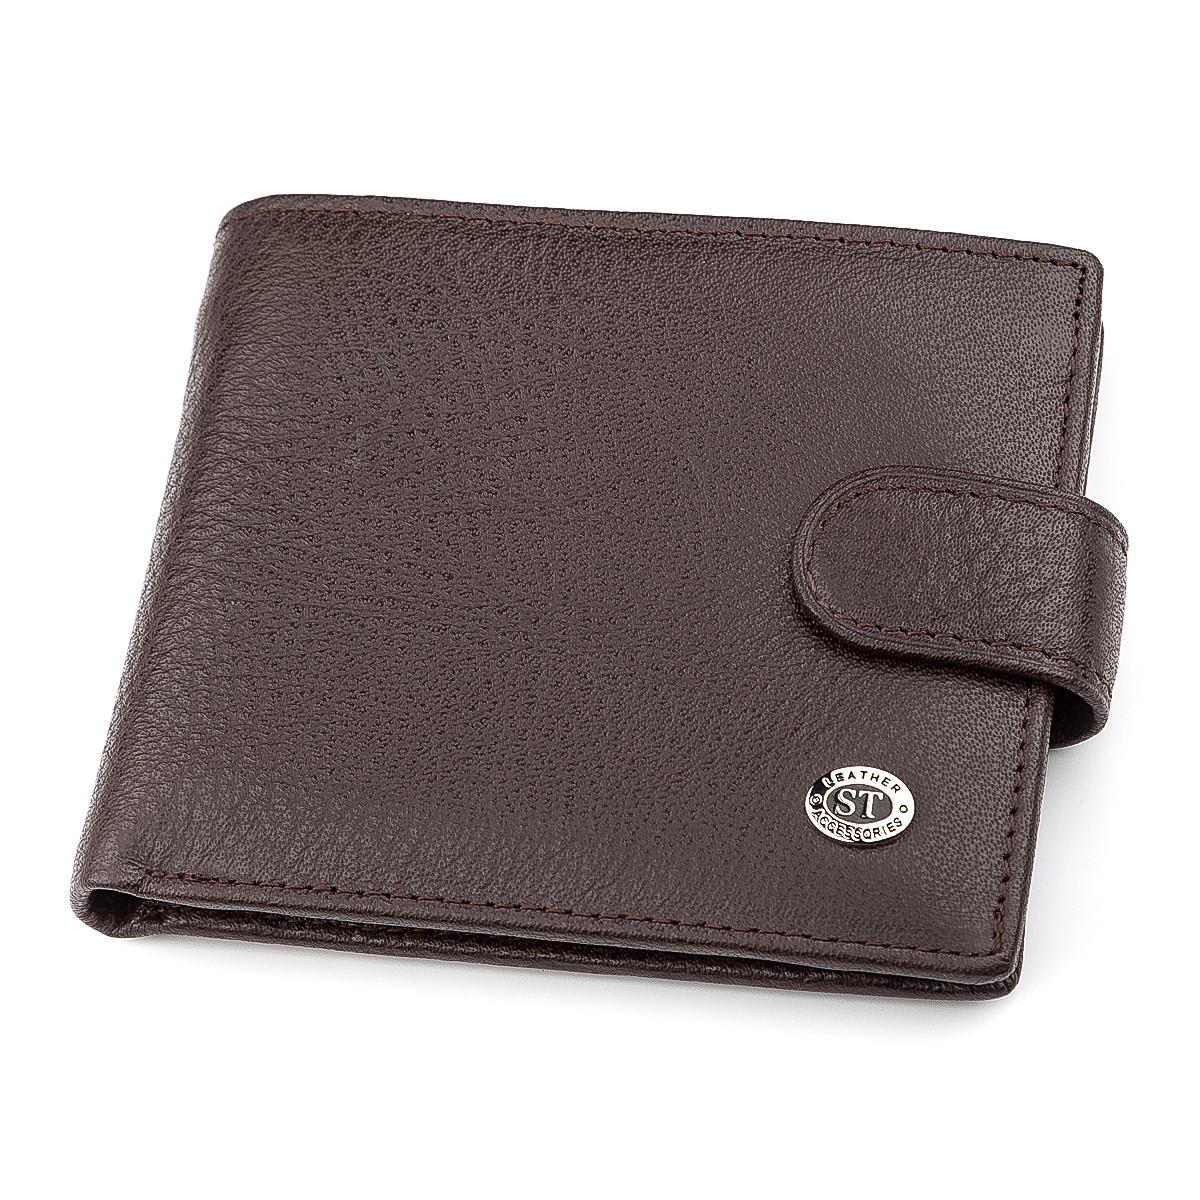 Мужской кошелек ST Leather 18307 (ST104) кожаный Коричневый